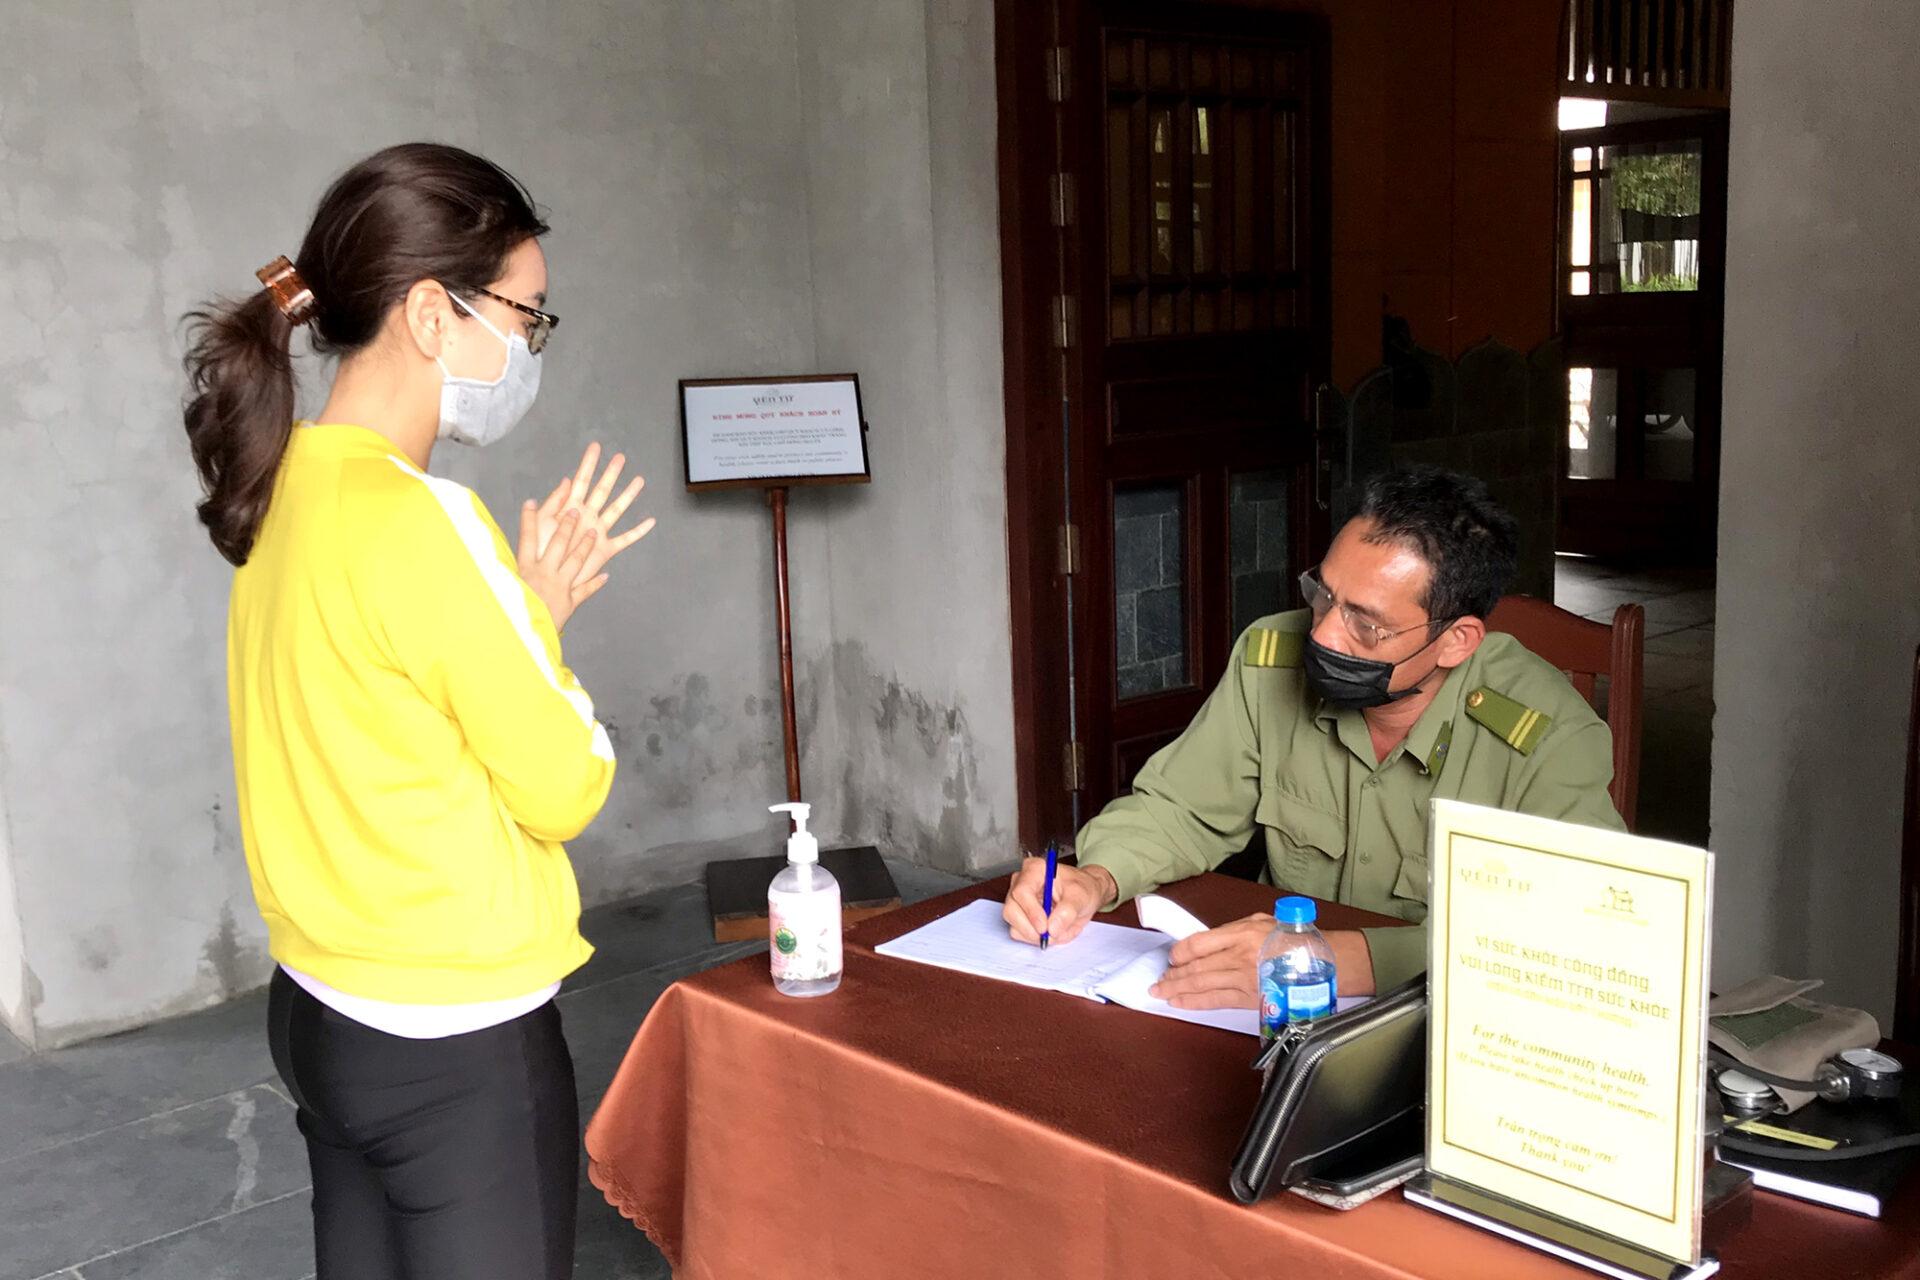 Trước khi đến các điểm tham quan, du khách được kiểm tra thân nhiệt và khai báo y tế